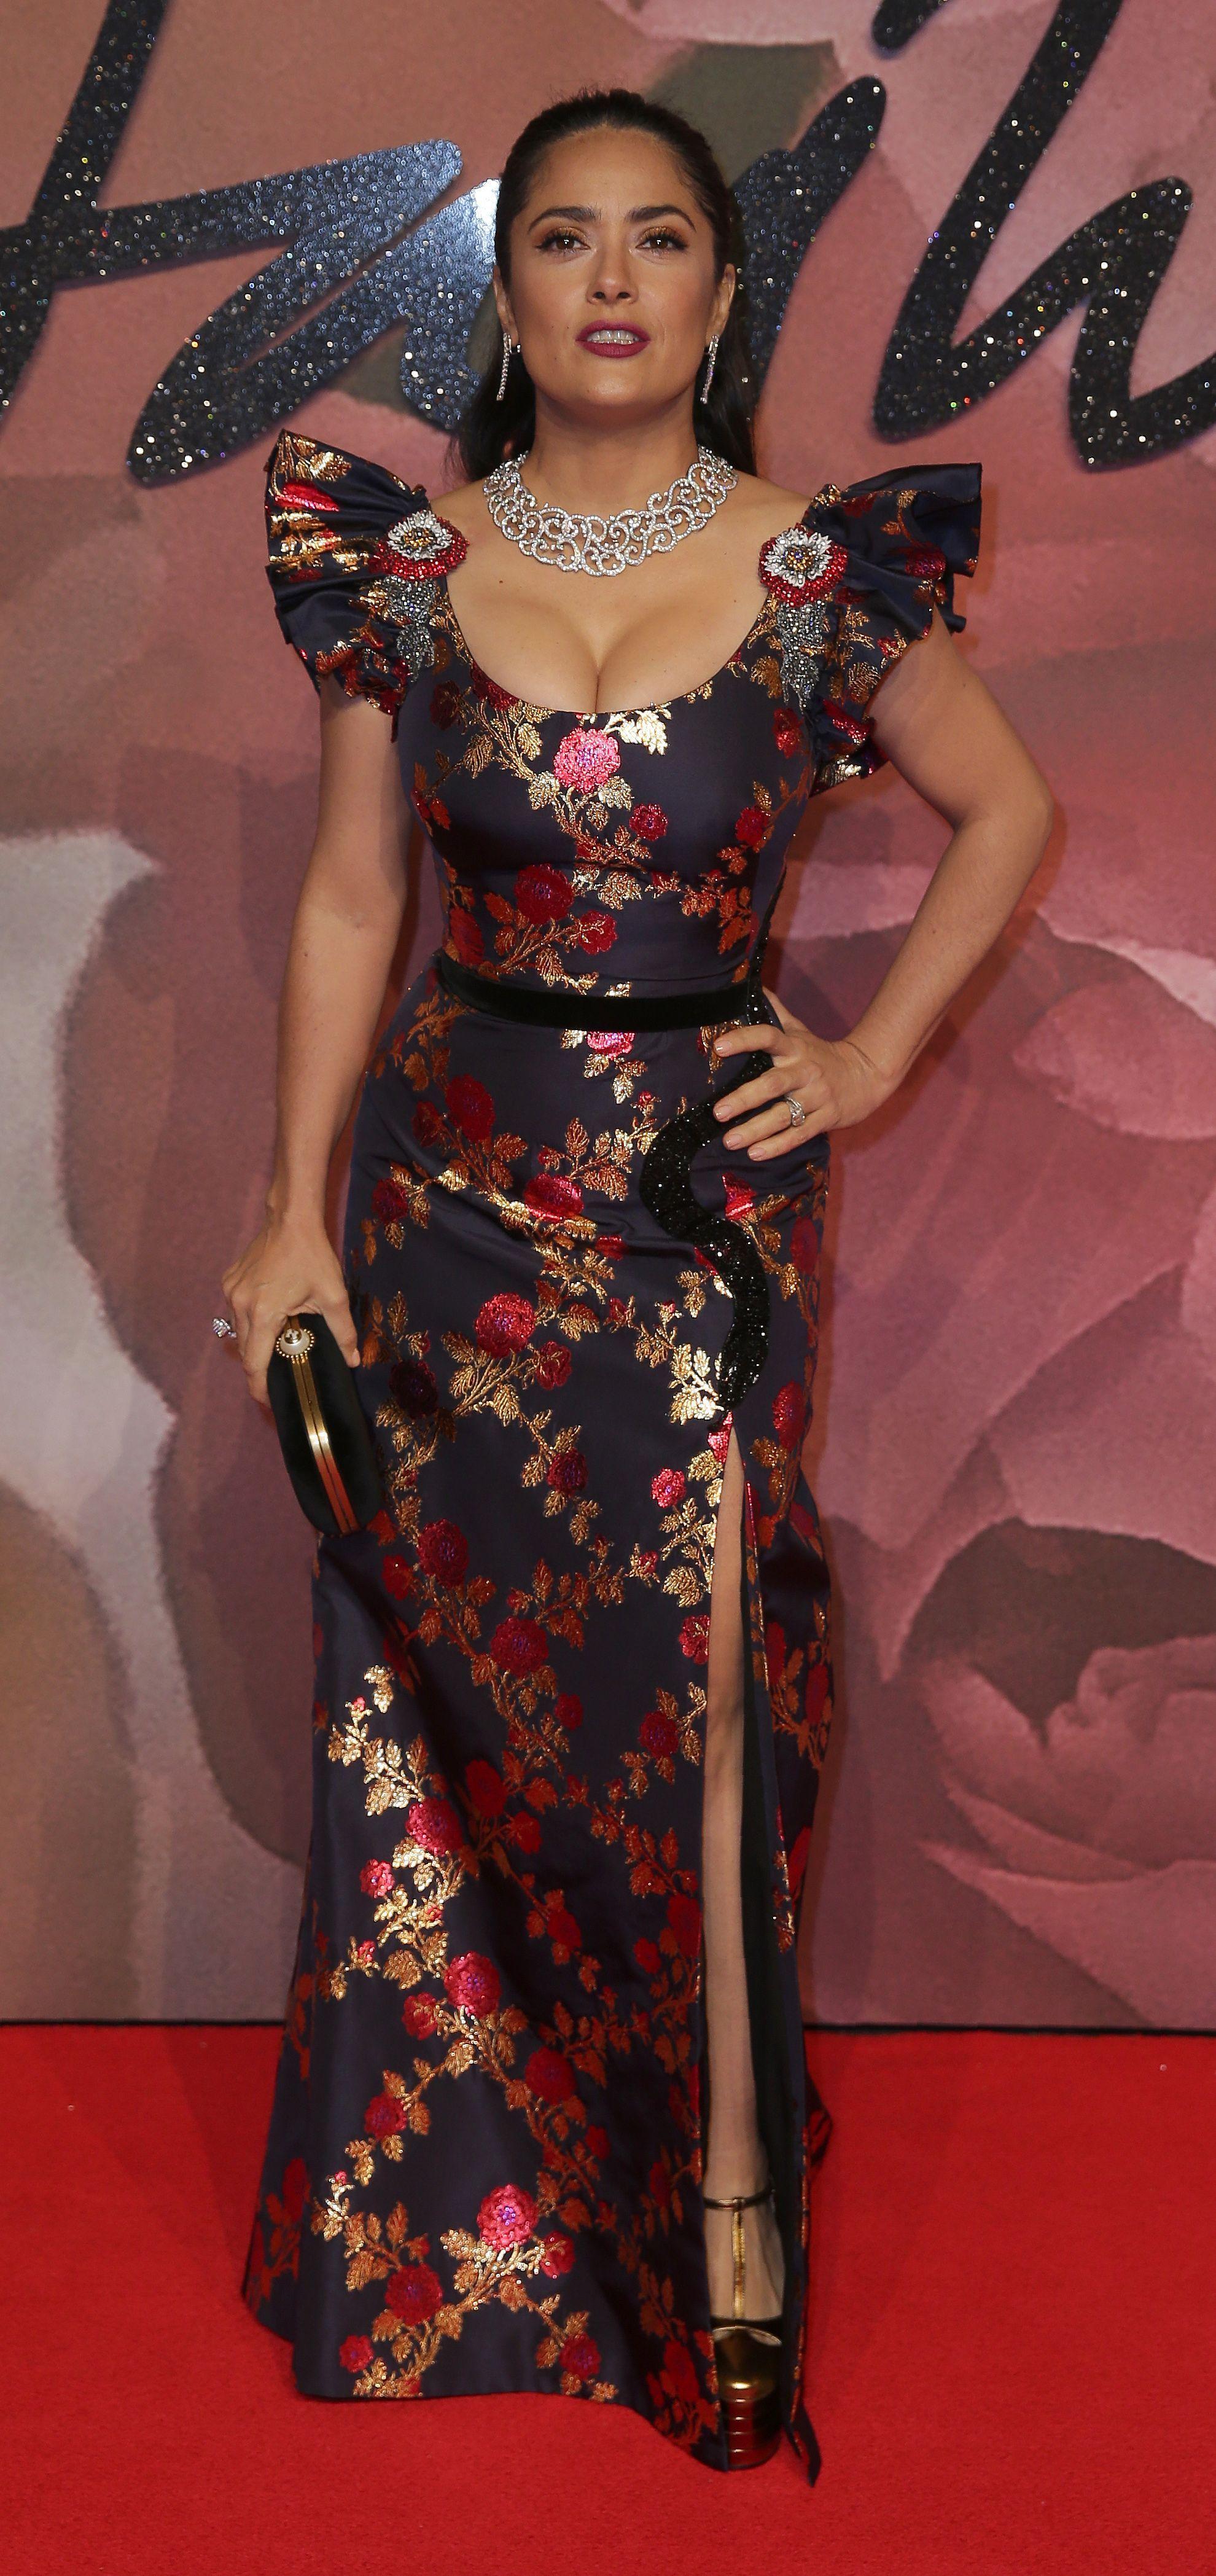 50-річна Сальма Хайєк не вмістила пишний бюст до сукні (фото)